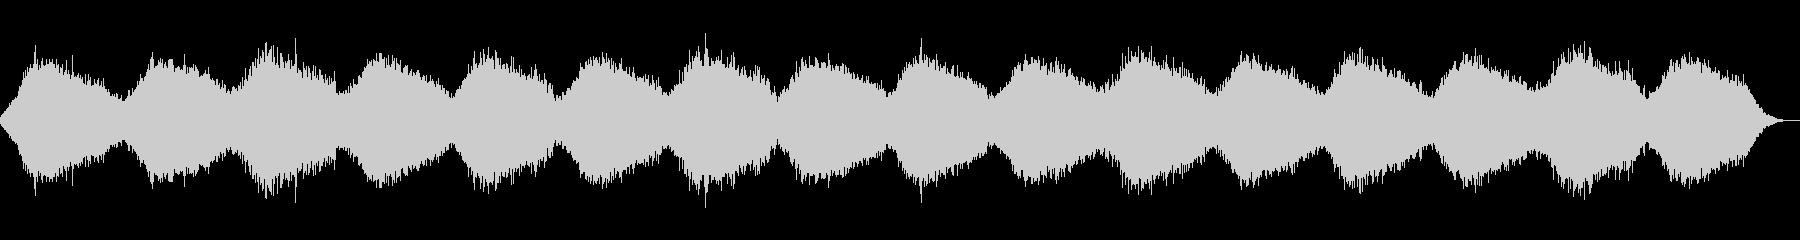 鐘の音が印象的なヒーリング・アンビエントの未再生の波形